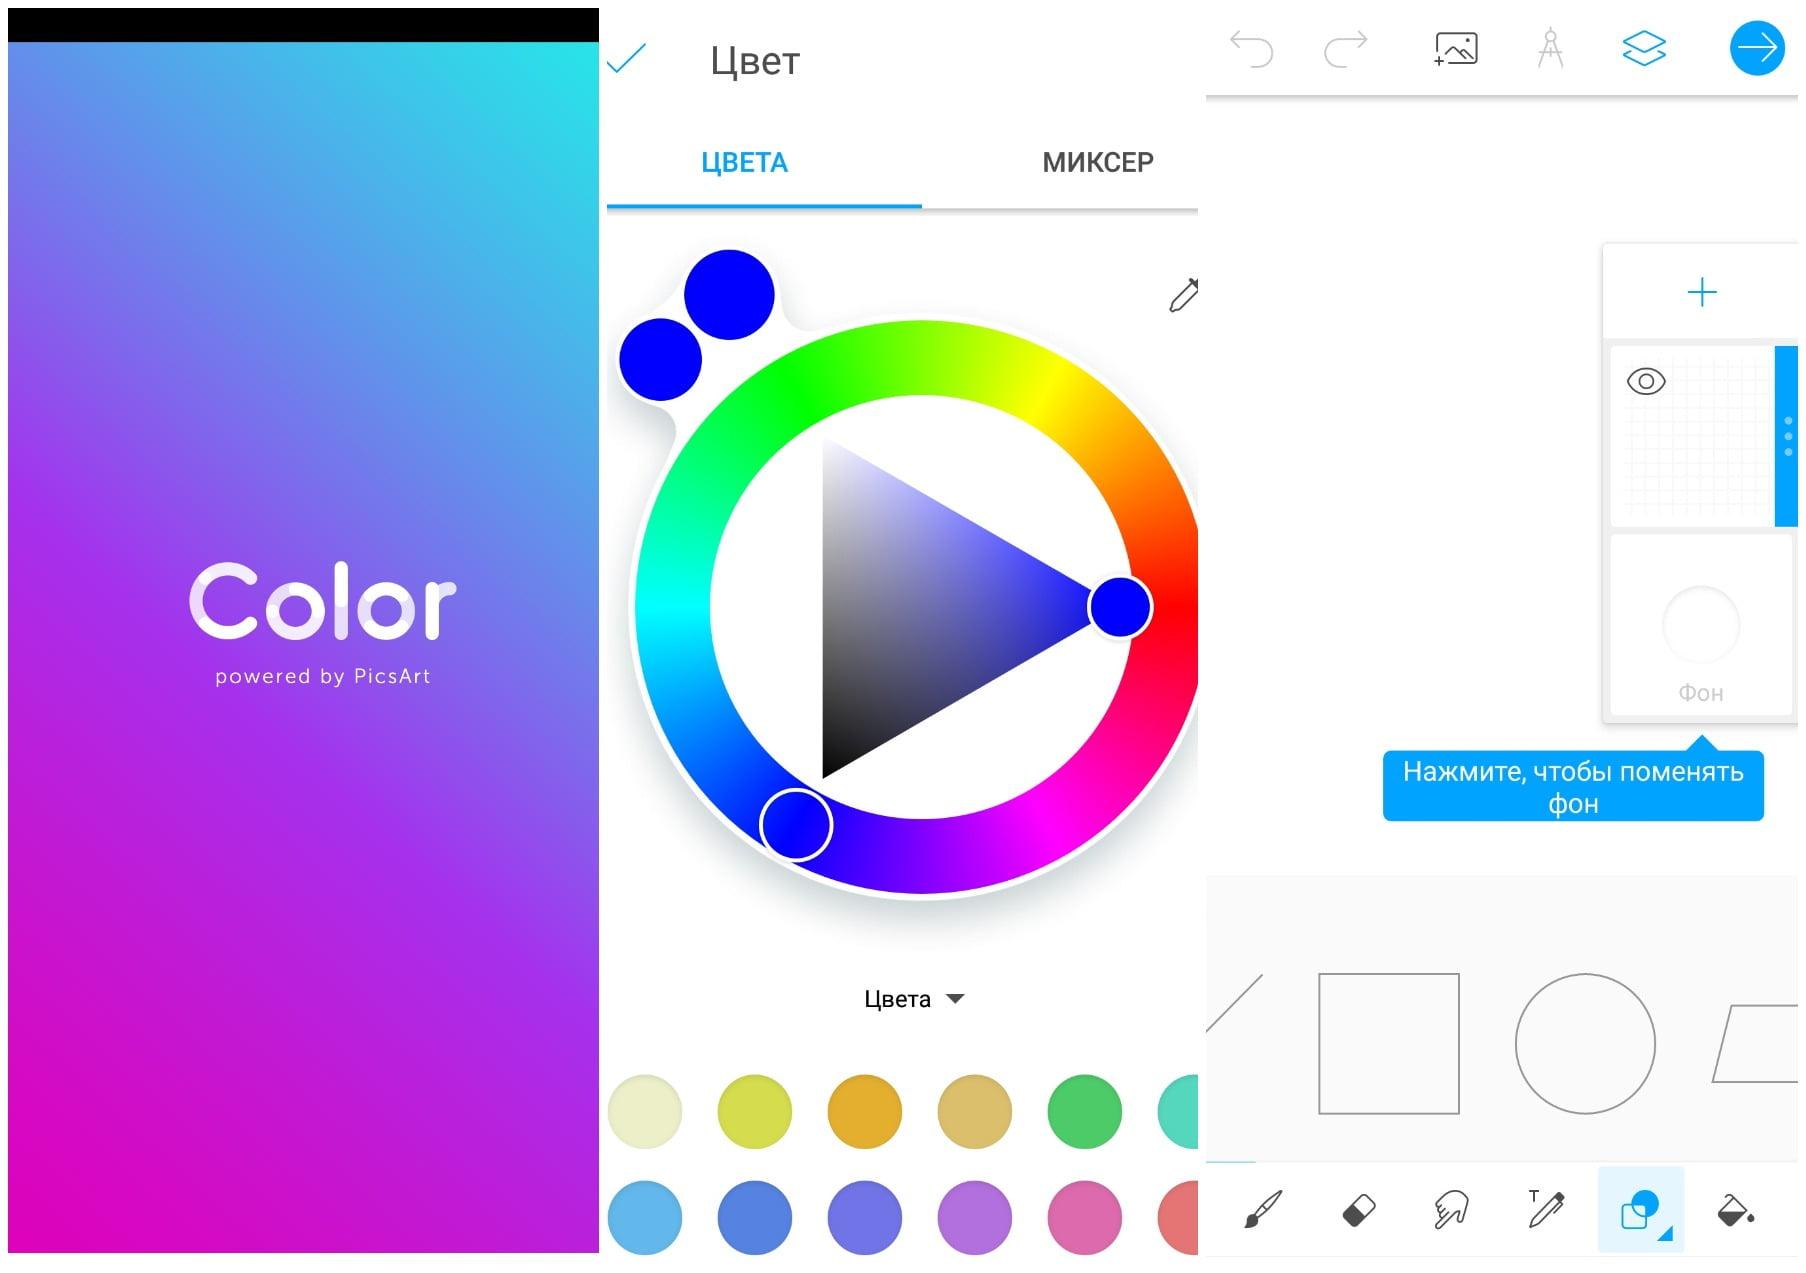 На фото изображено приложение PicsArt color